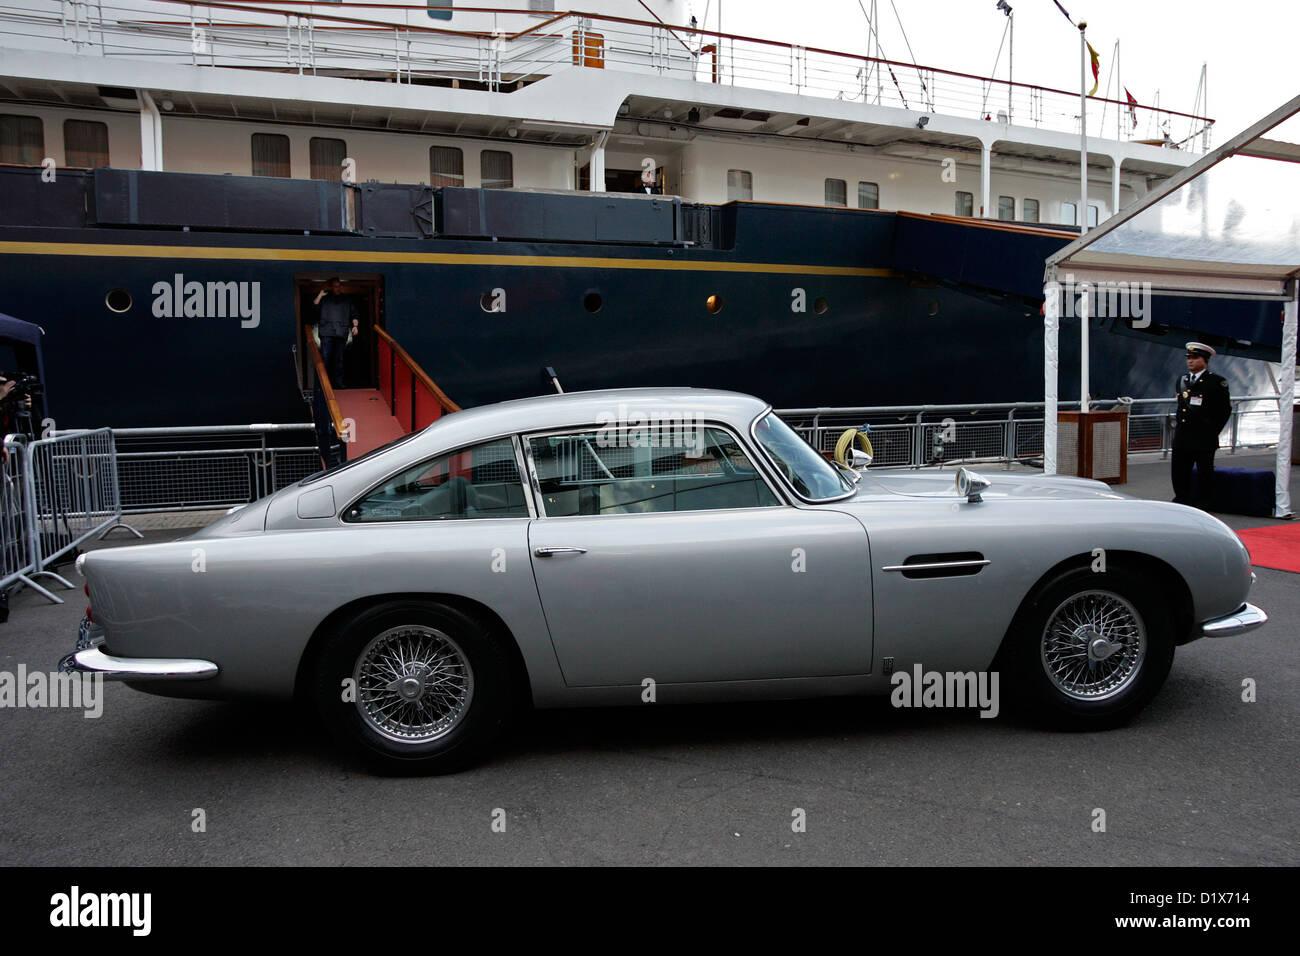 L'original James Bond Aston Martin DB5 (Suisse sportives plaques signalétiques) stationné à côté Photo Stock